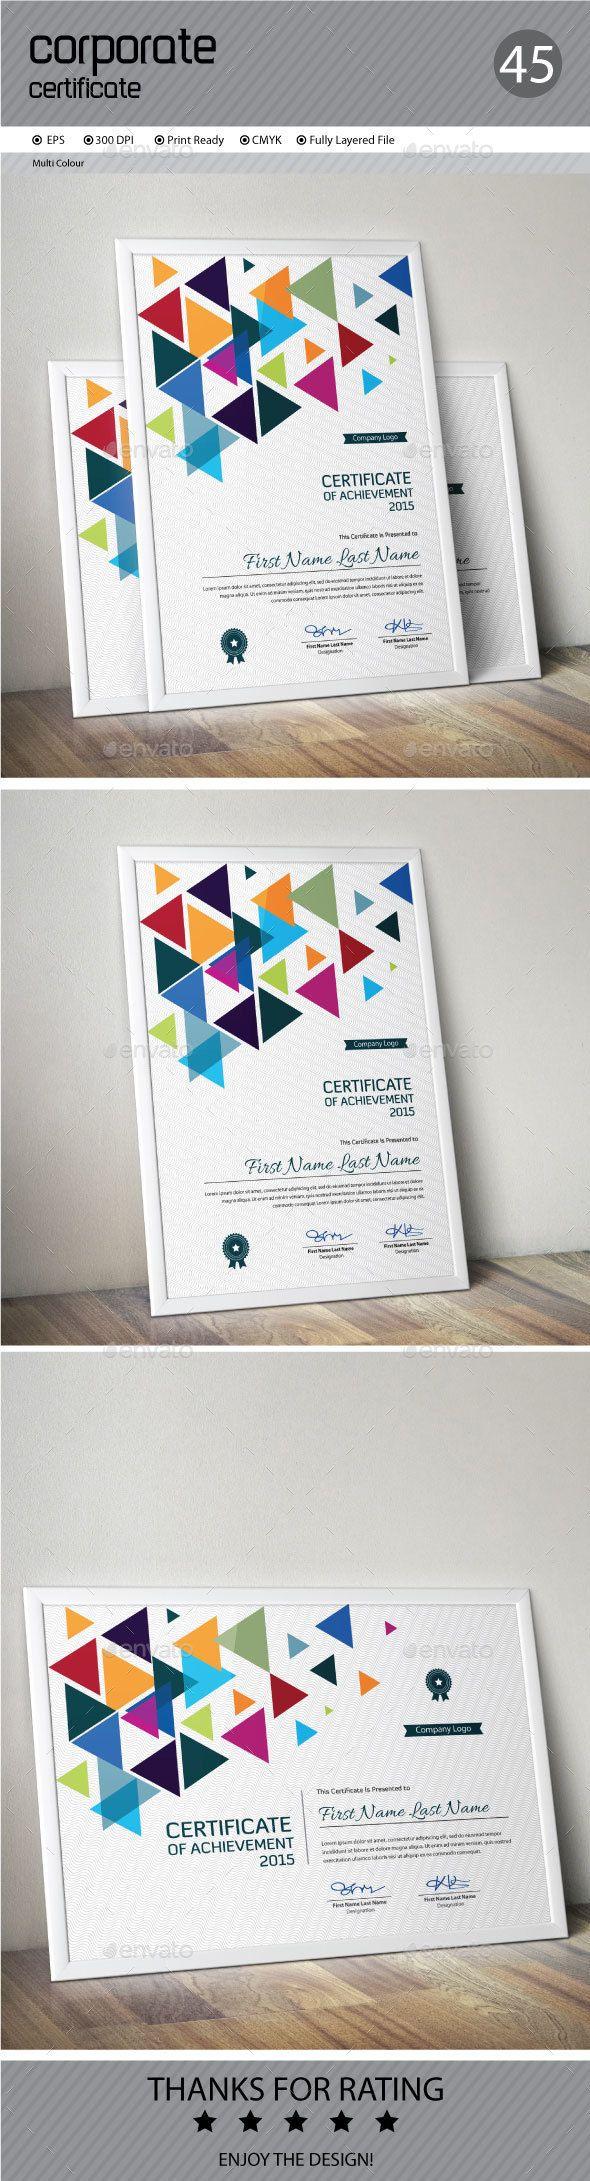 Pin de Shaneeb Mullakara en certificate | Pinterest | Diplomas ...